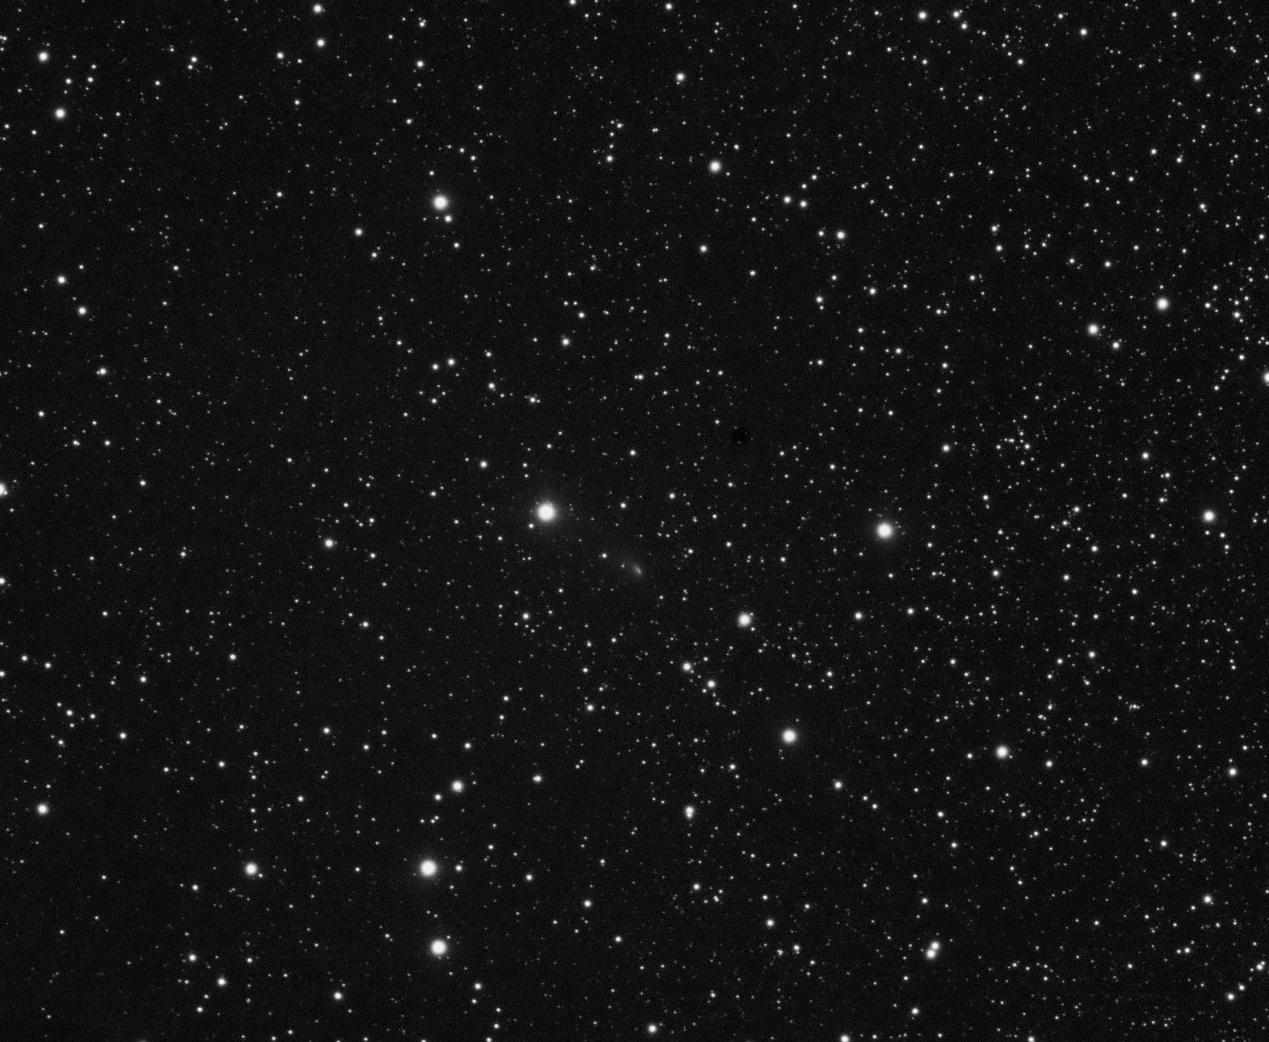 CCD_Image_139_ABE.jpg.0dc71c4af214989919501afdbc8eb78d.jpg